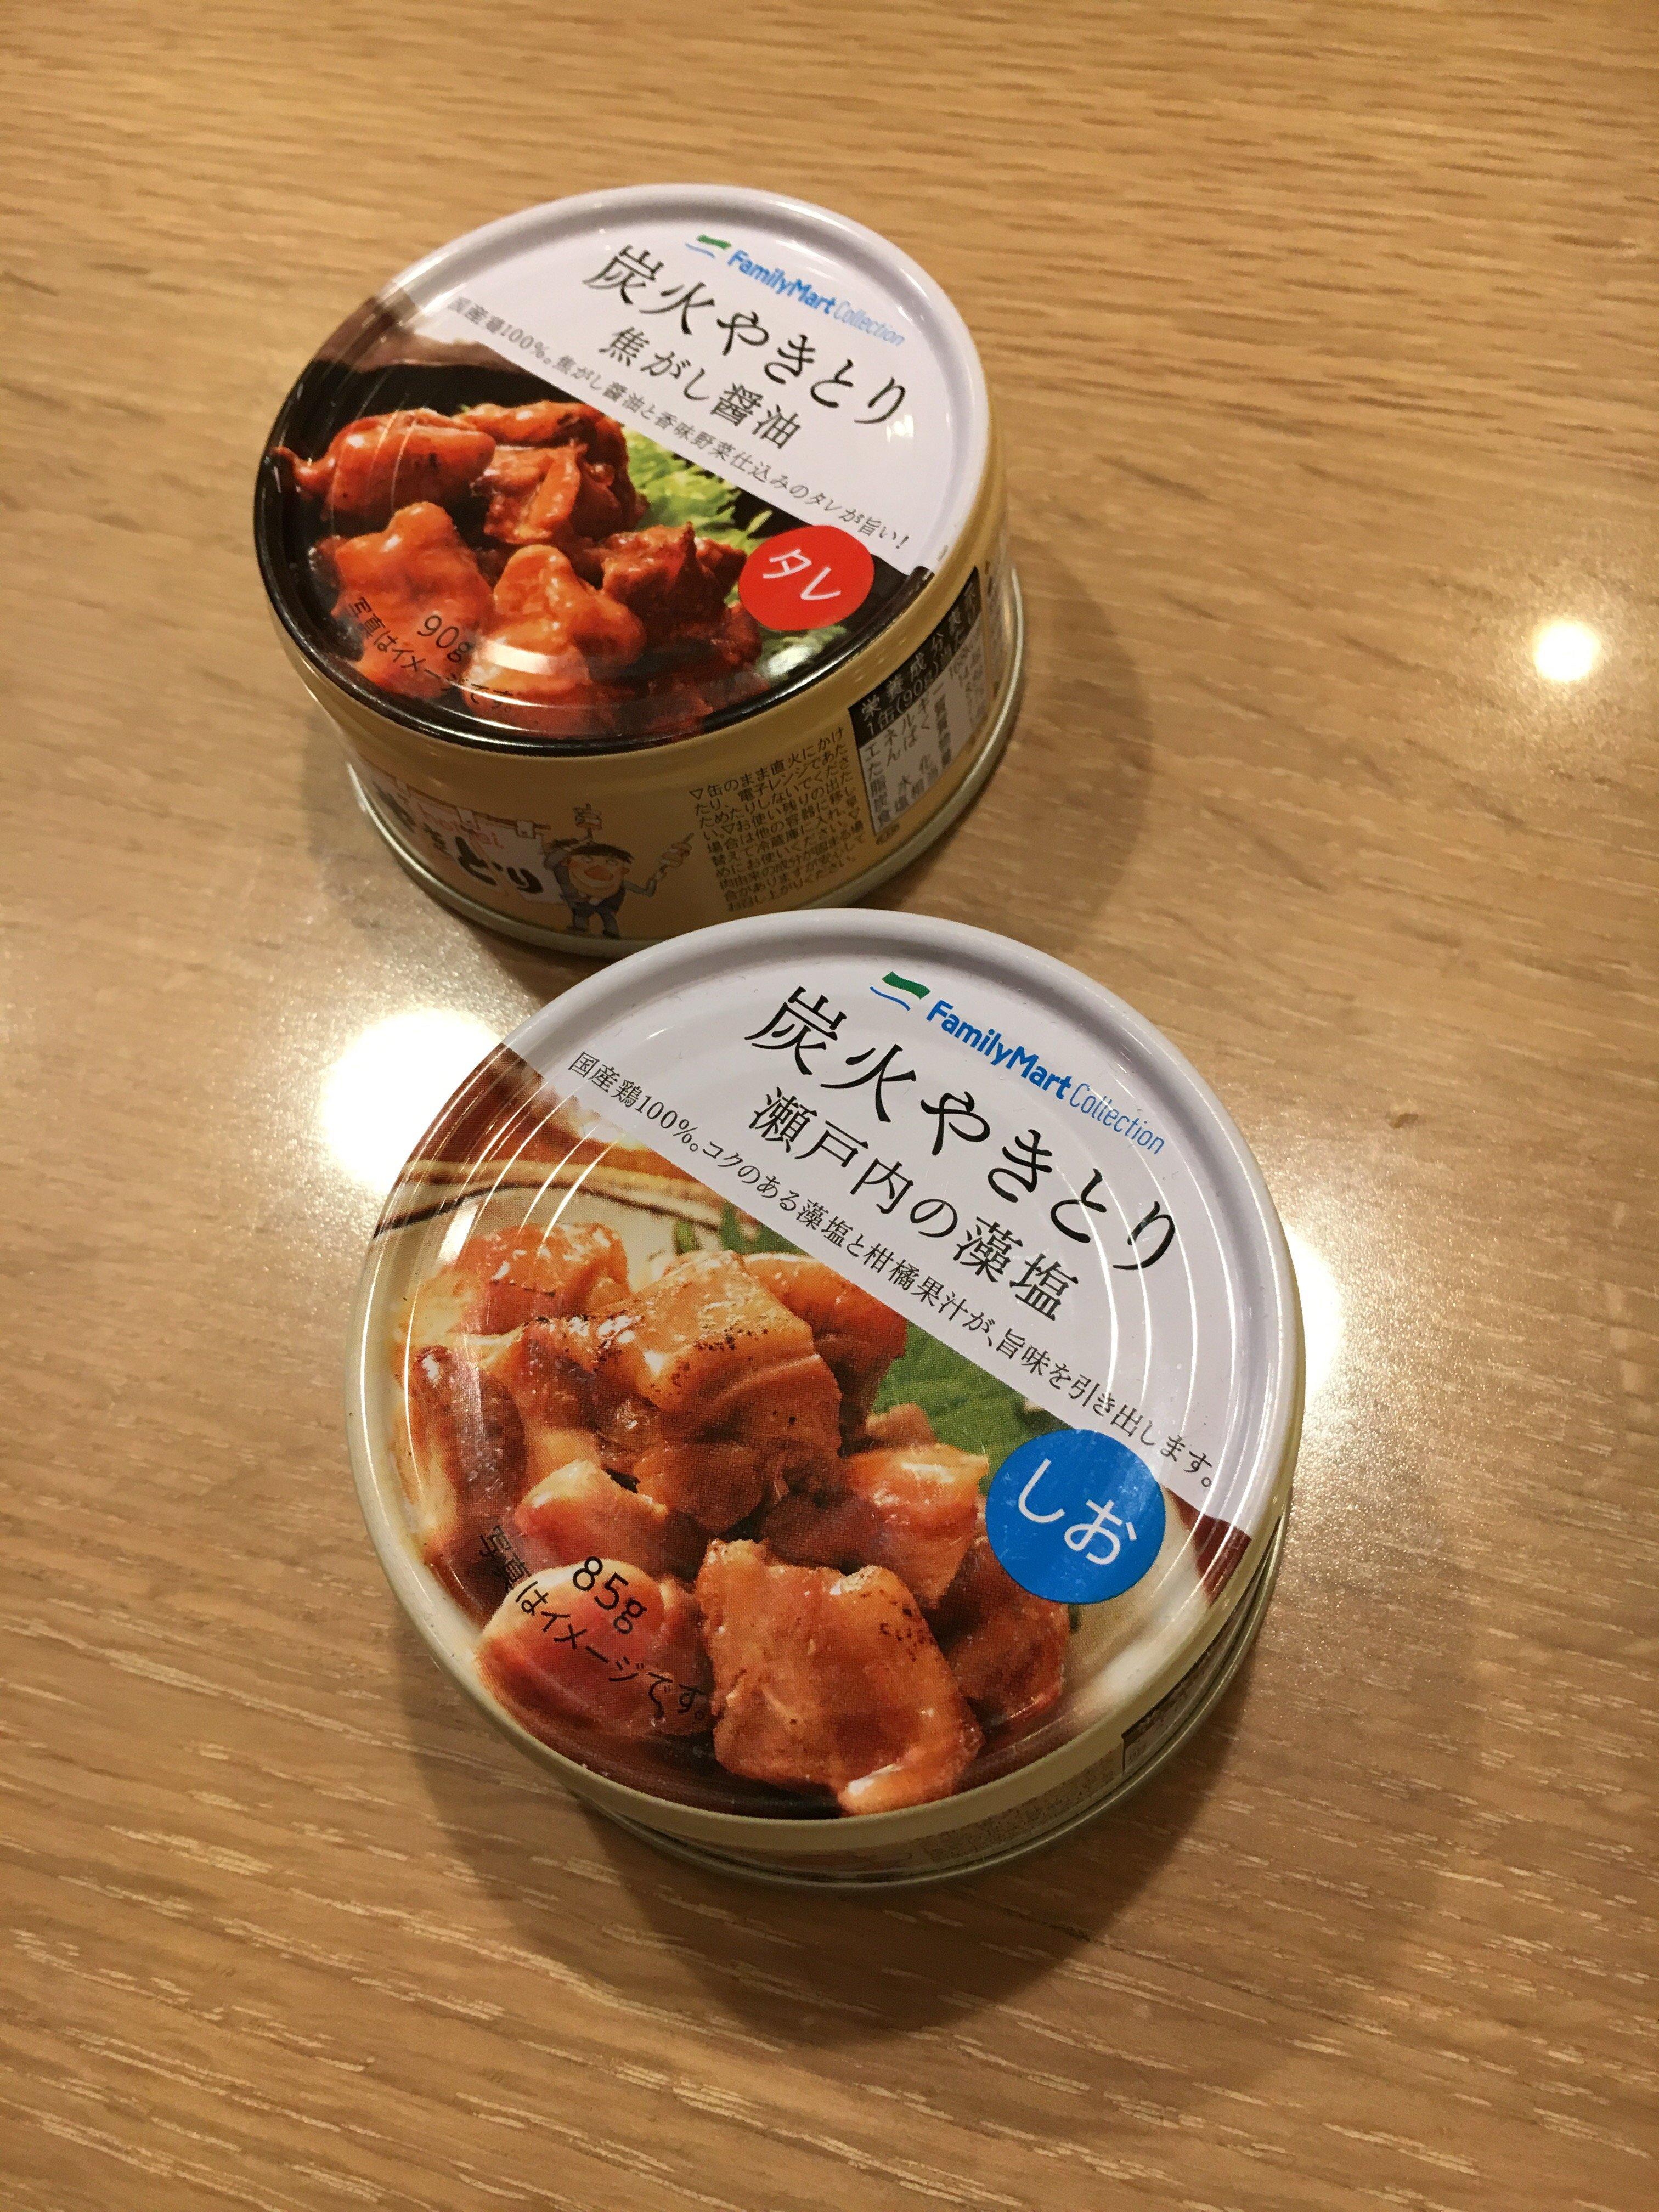 ファミマ 缶詰 炭火焼鶏 コンビニ缶詰の実力はいかに?